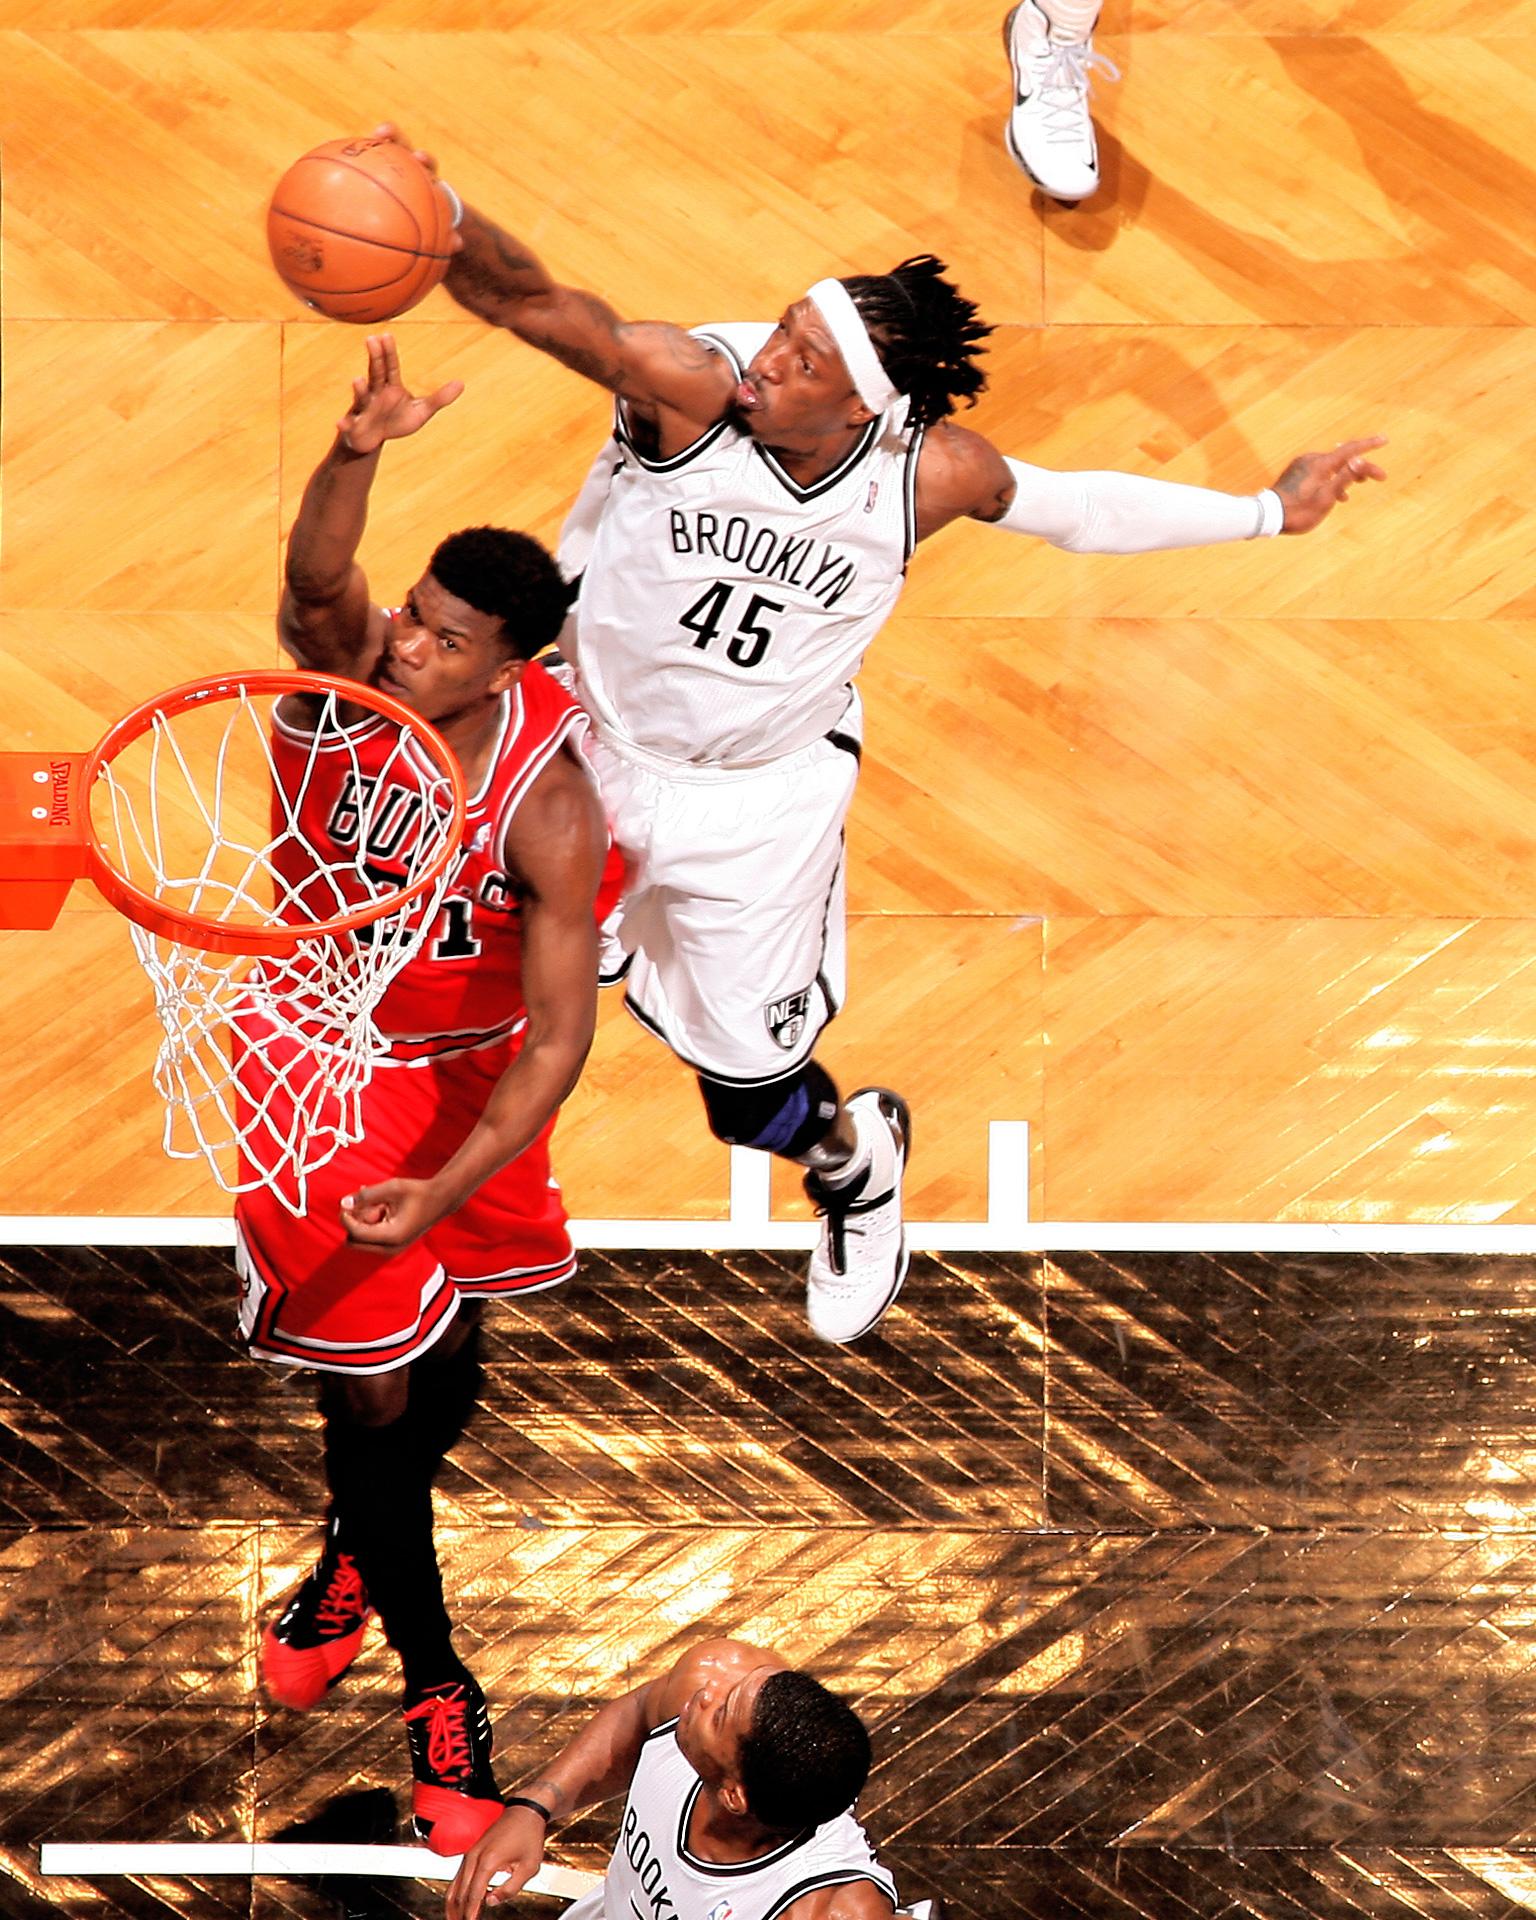 Nba: Monster Blocks Of The NBA Playoffs